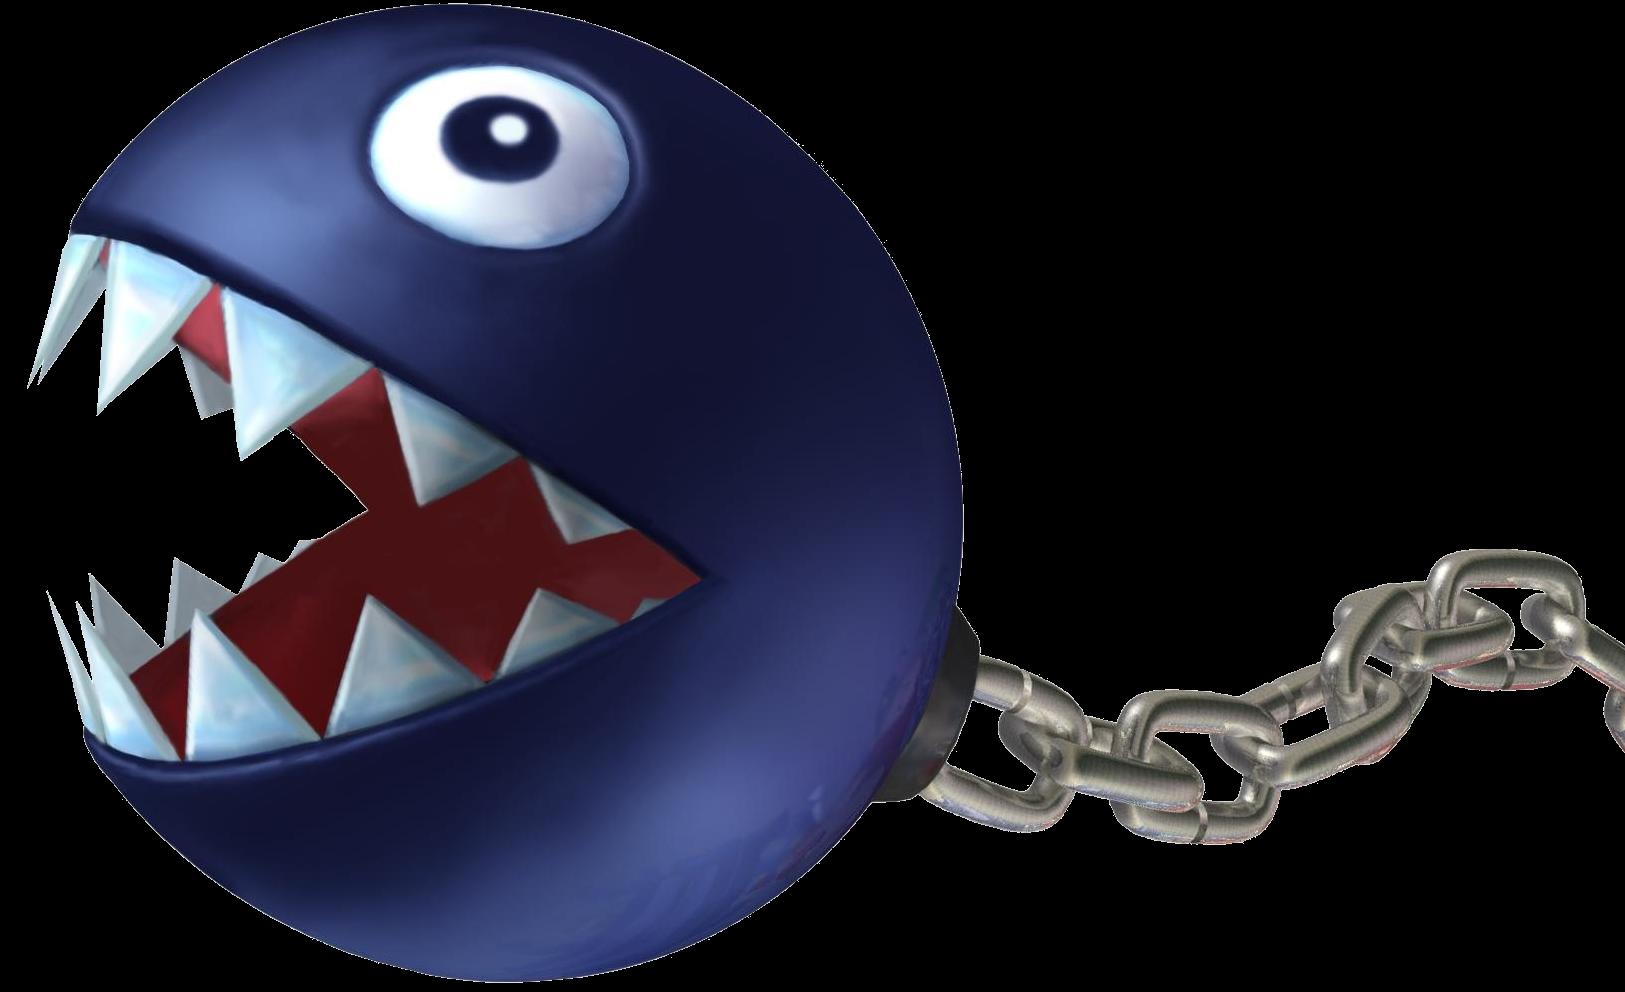 Mario Chain Chomp Lamp   ThinkGeek